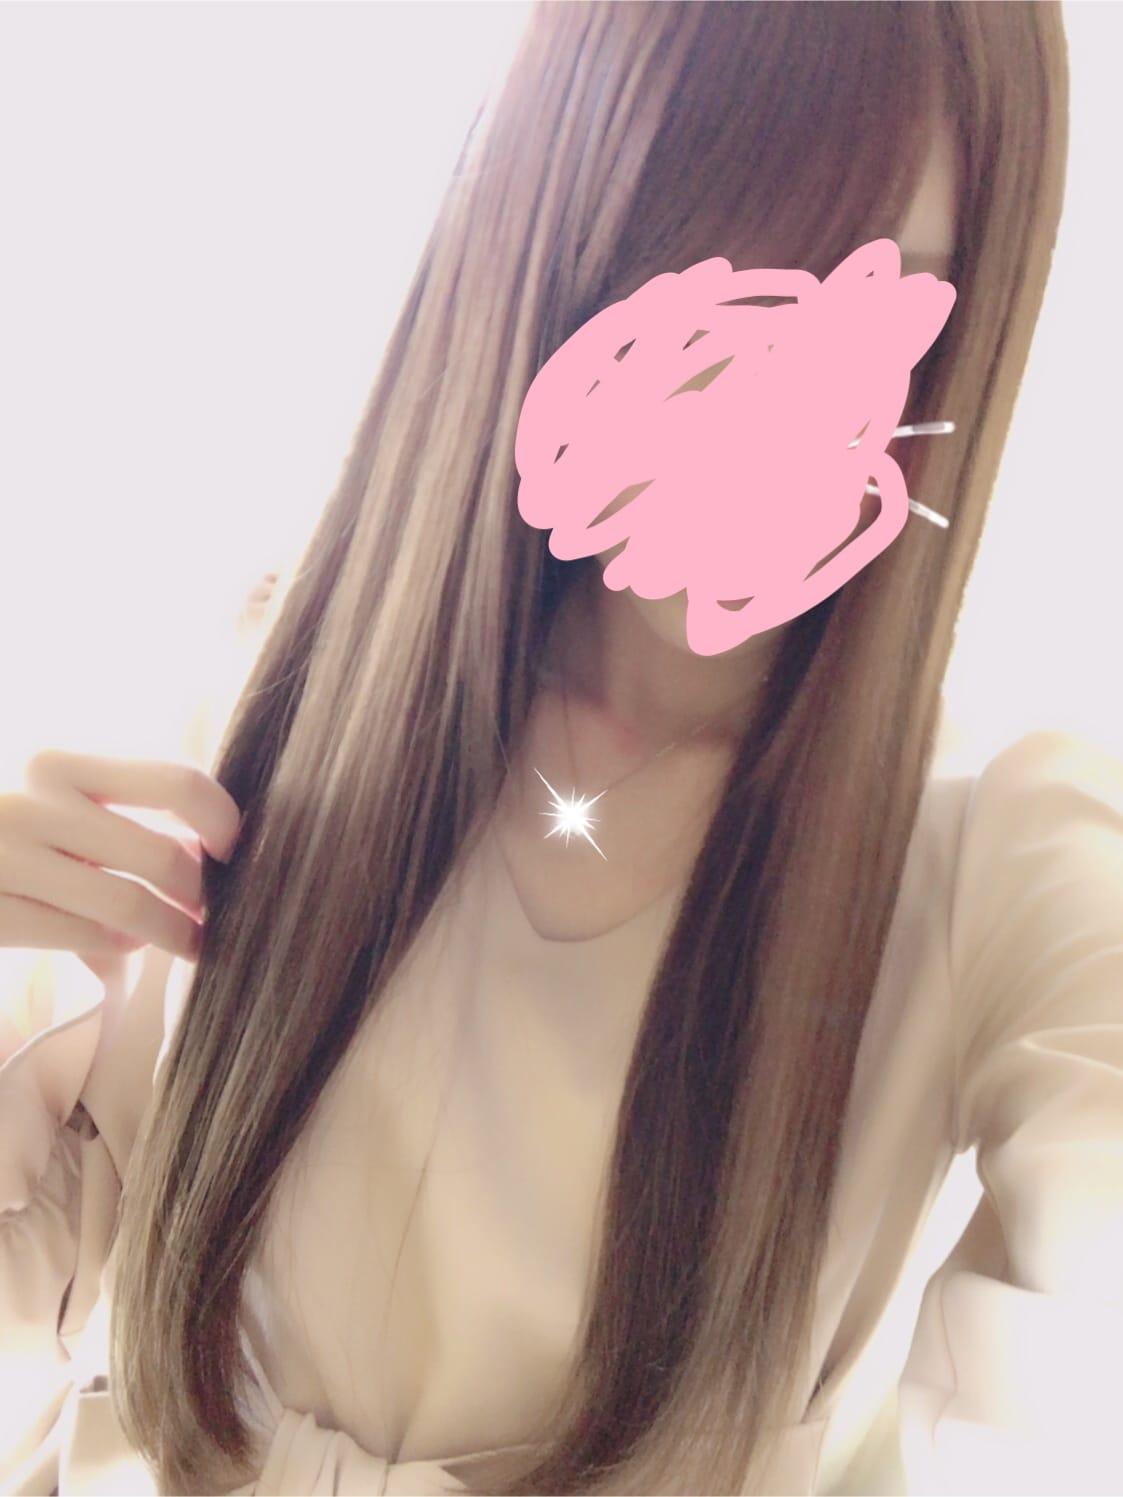 「本日出勤です♪」01/10(01/10) 10:12   このみの写メ・風俗動画